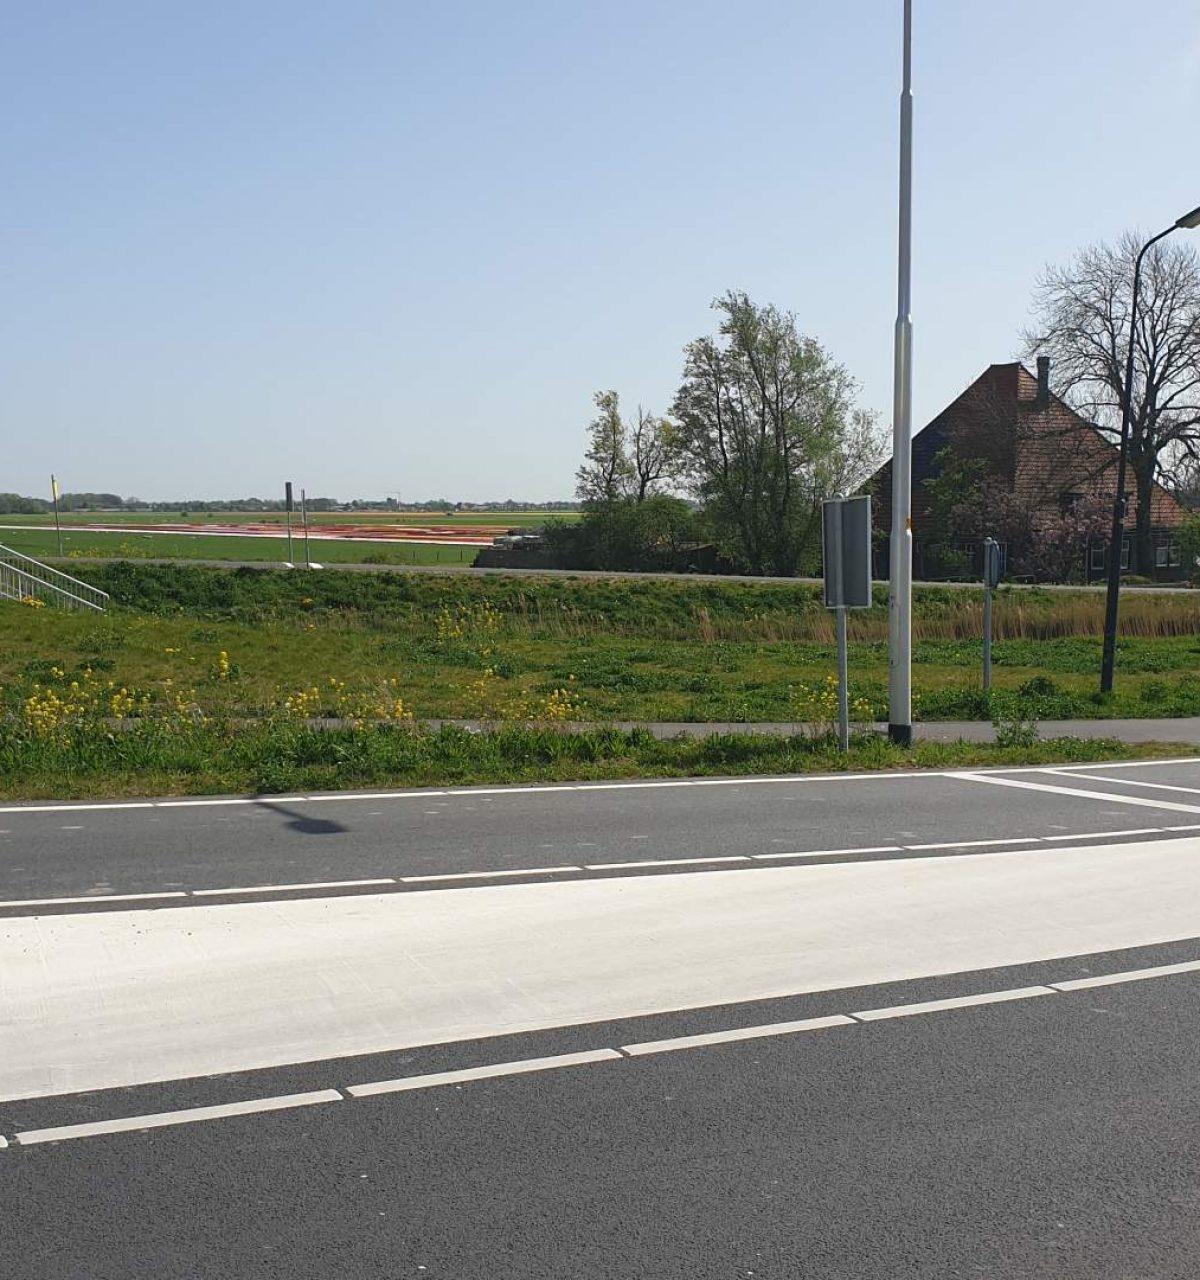 westwoud omgeving noord holland on road to amsterdam-60